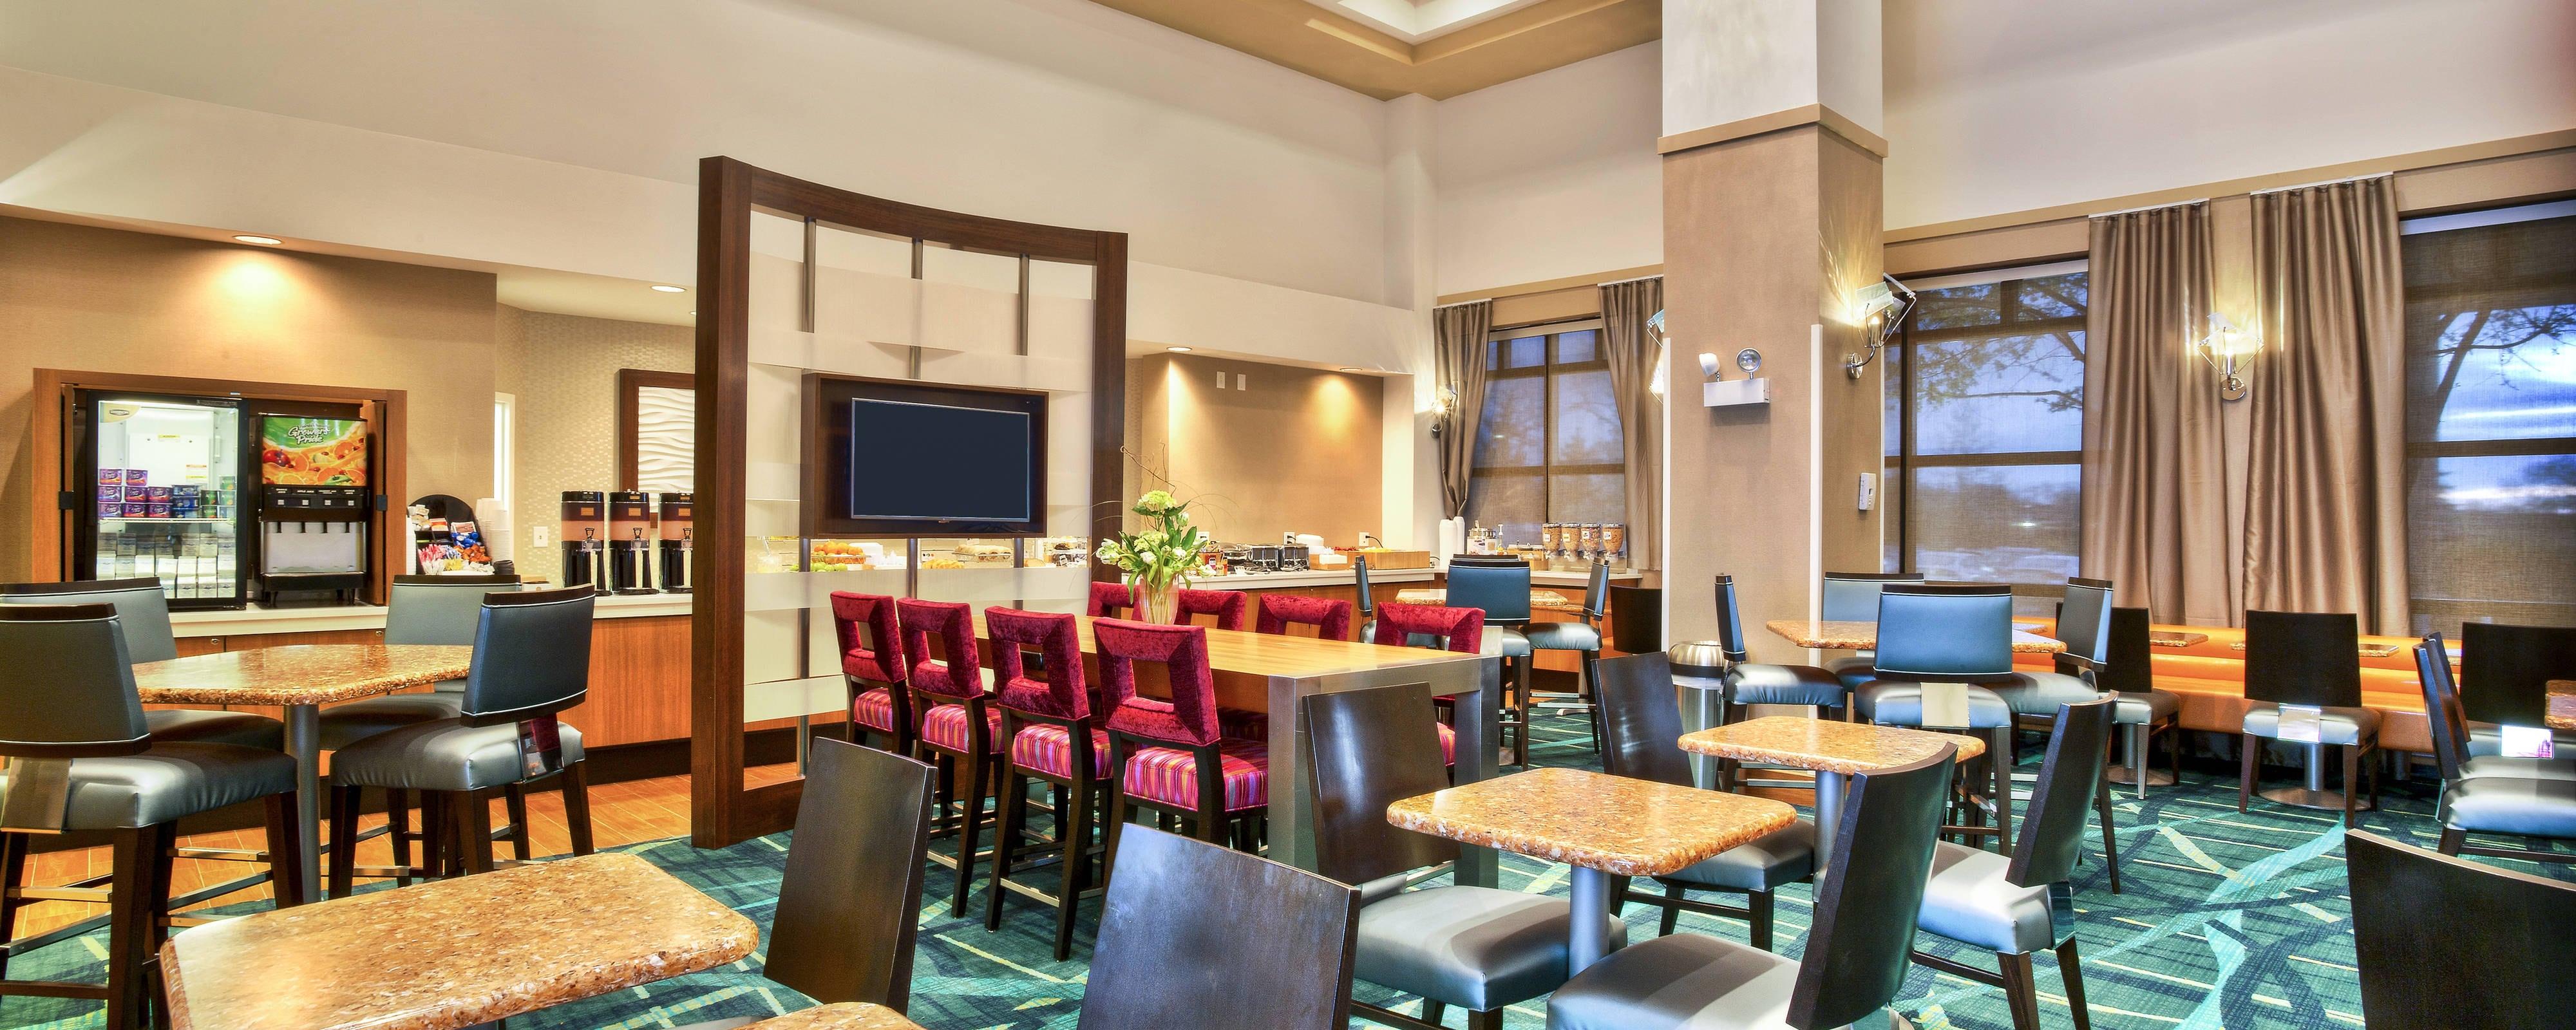 Hotels In Elmhurst Chicago